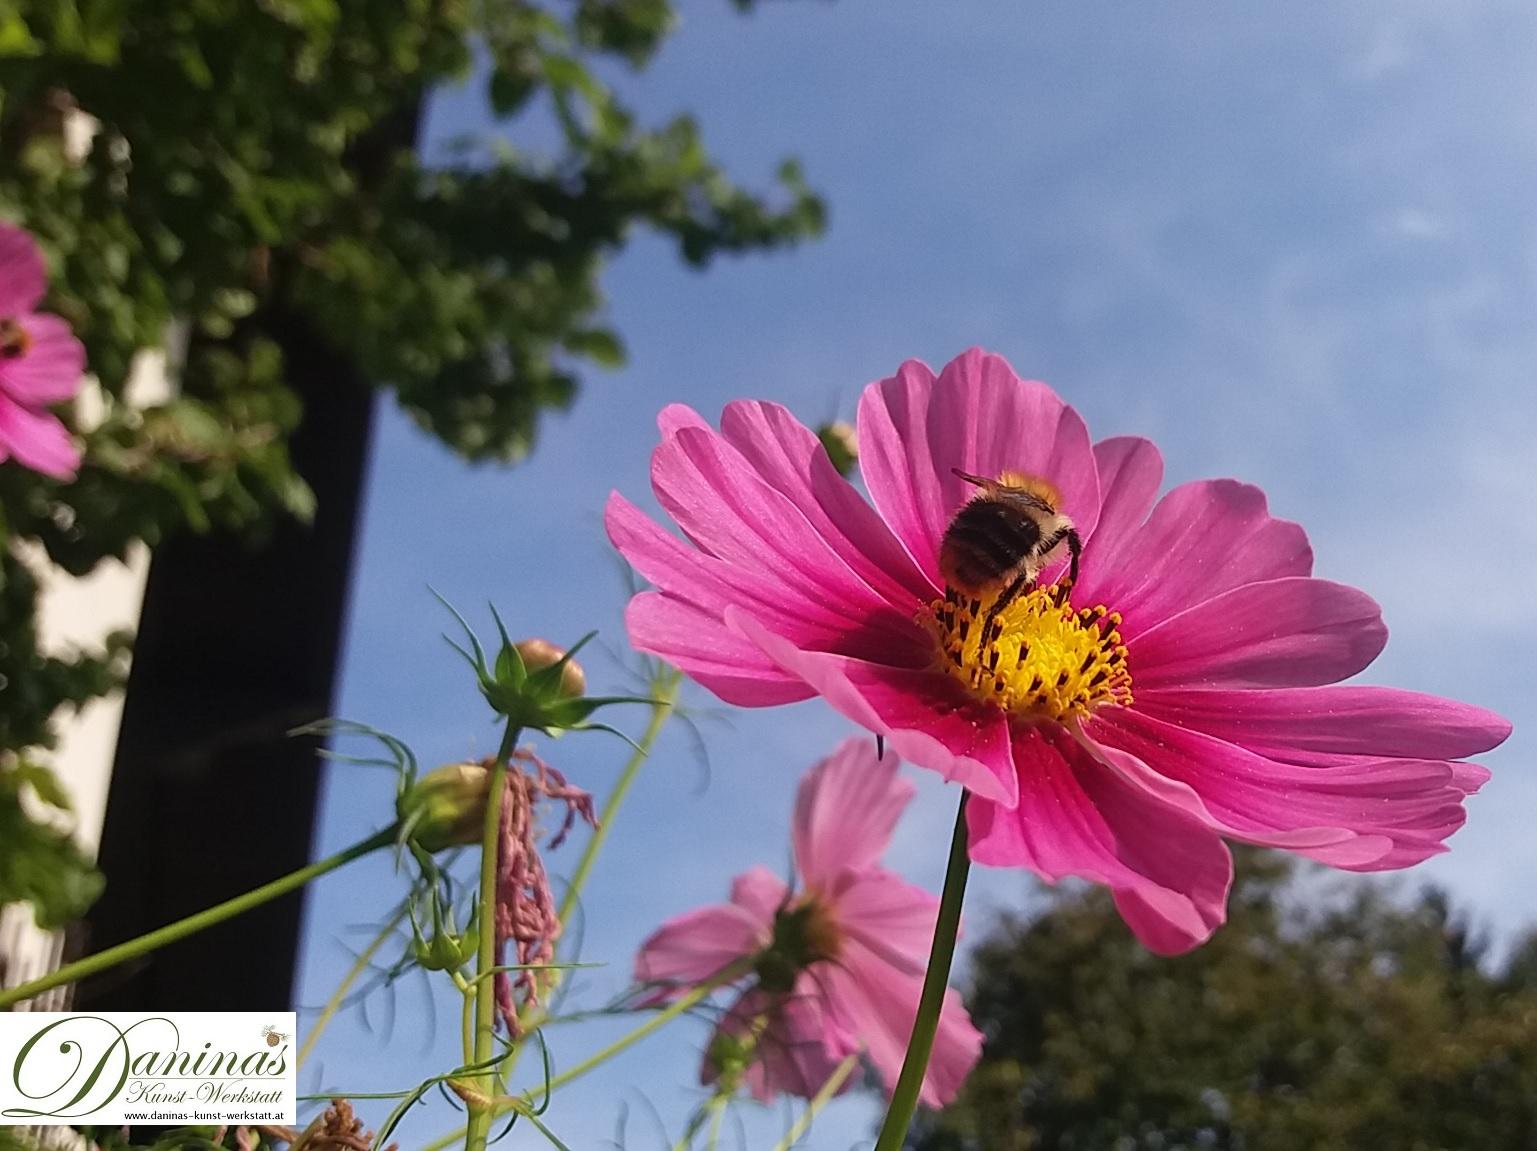 Schuckkörbchen, eine bienenfreundliche Sommerblume